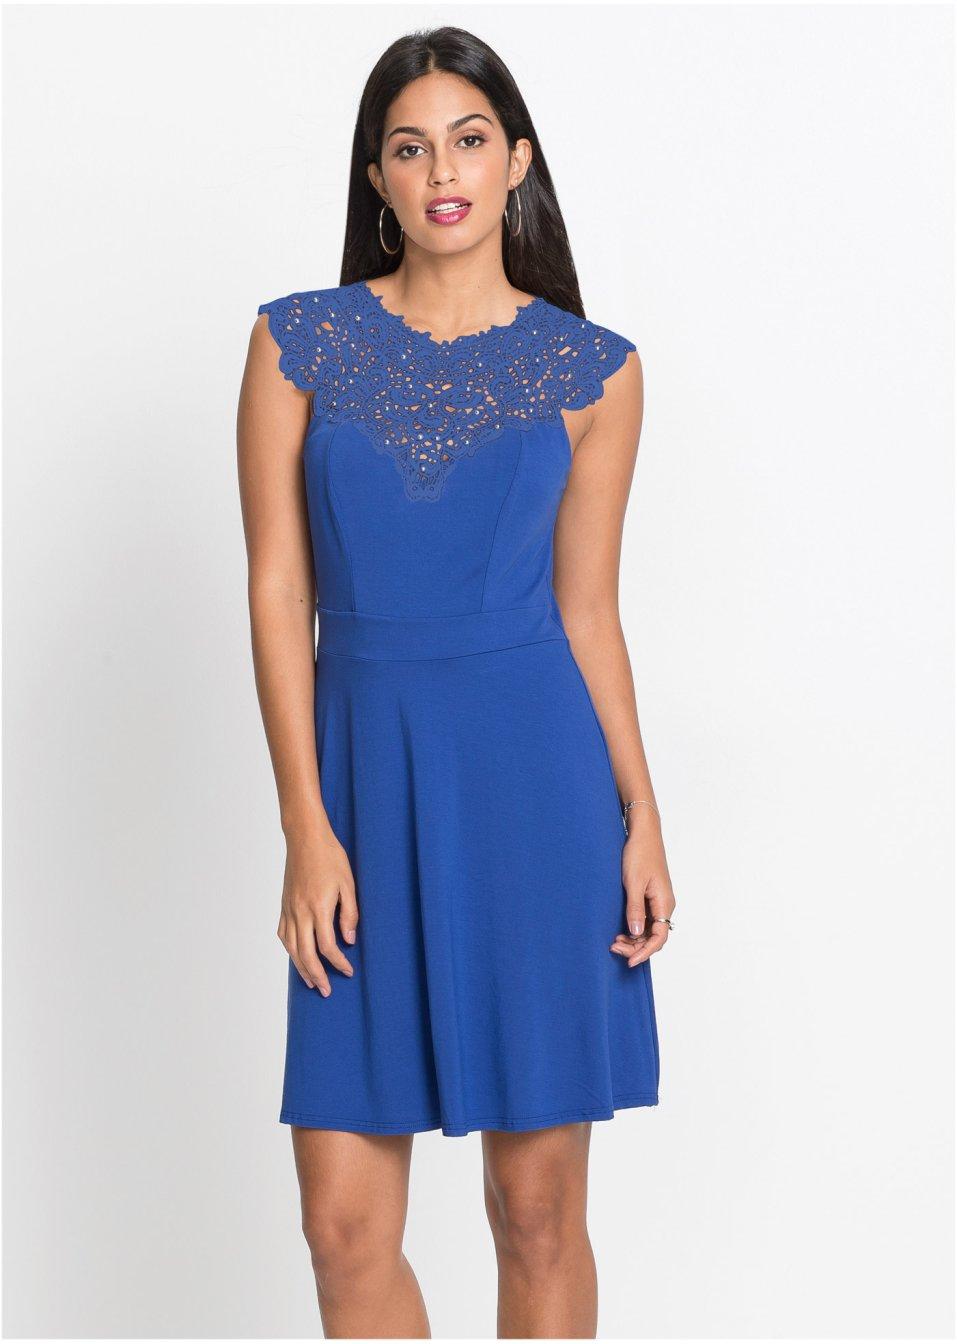 Kleid mit Spitze blau - Damen - bonprix.de